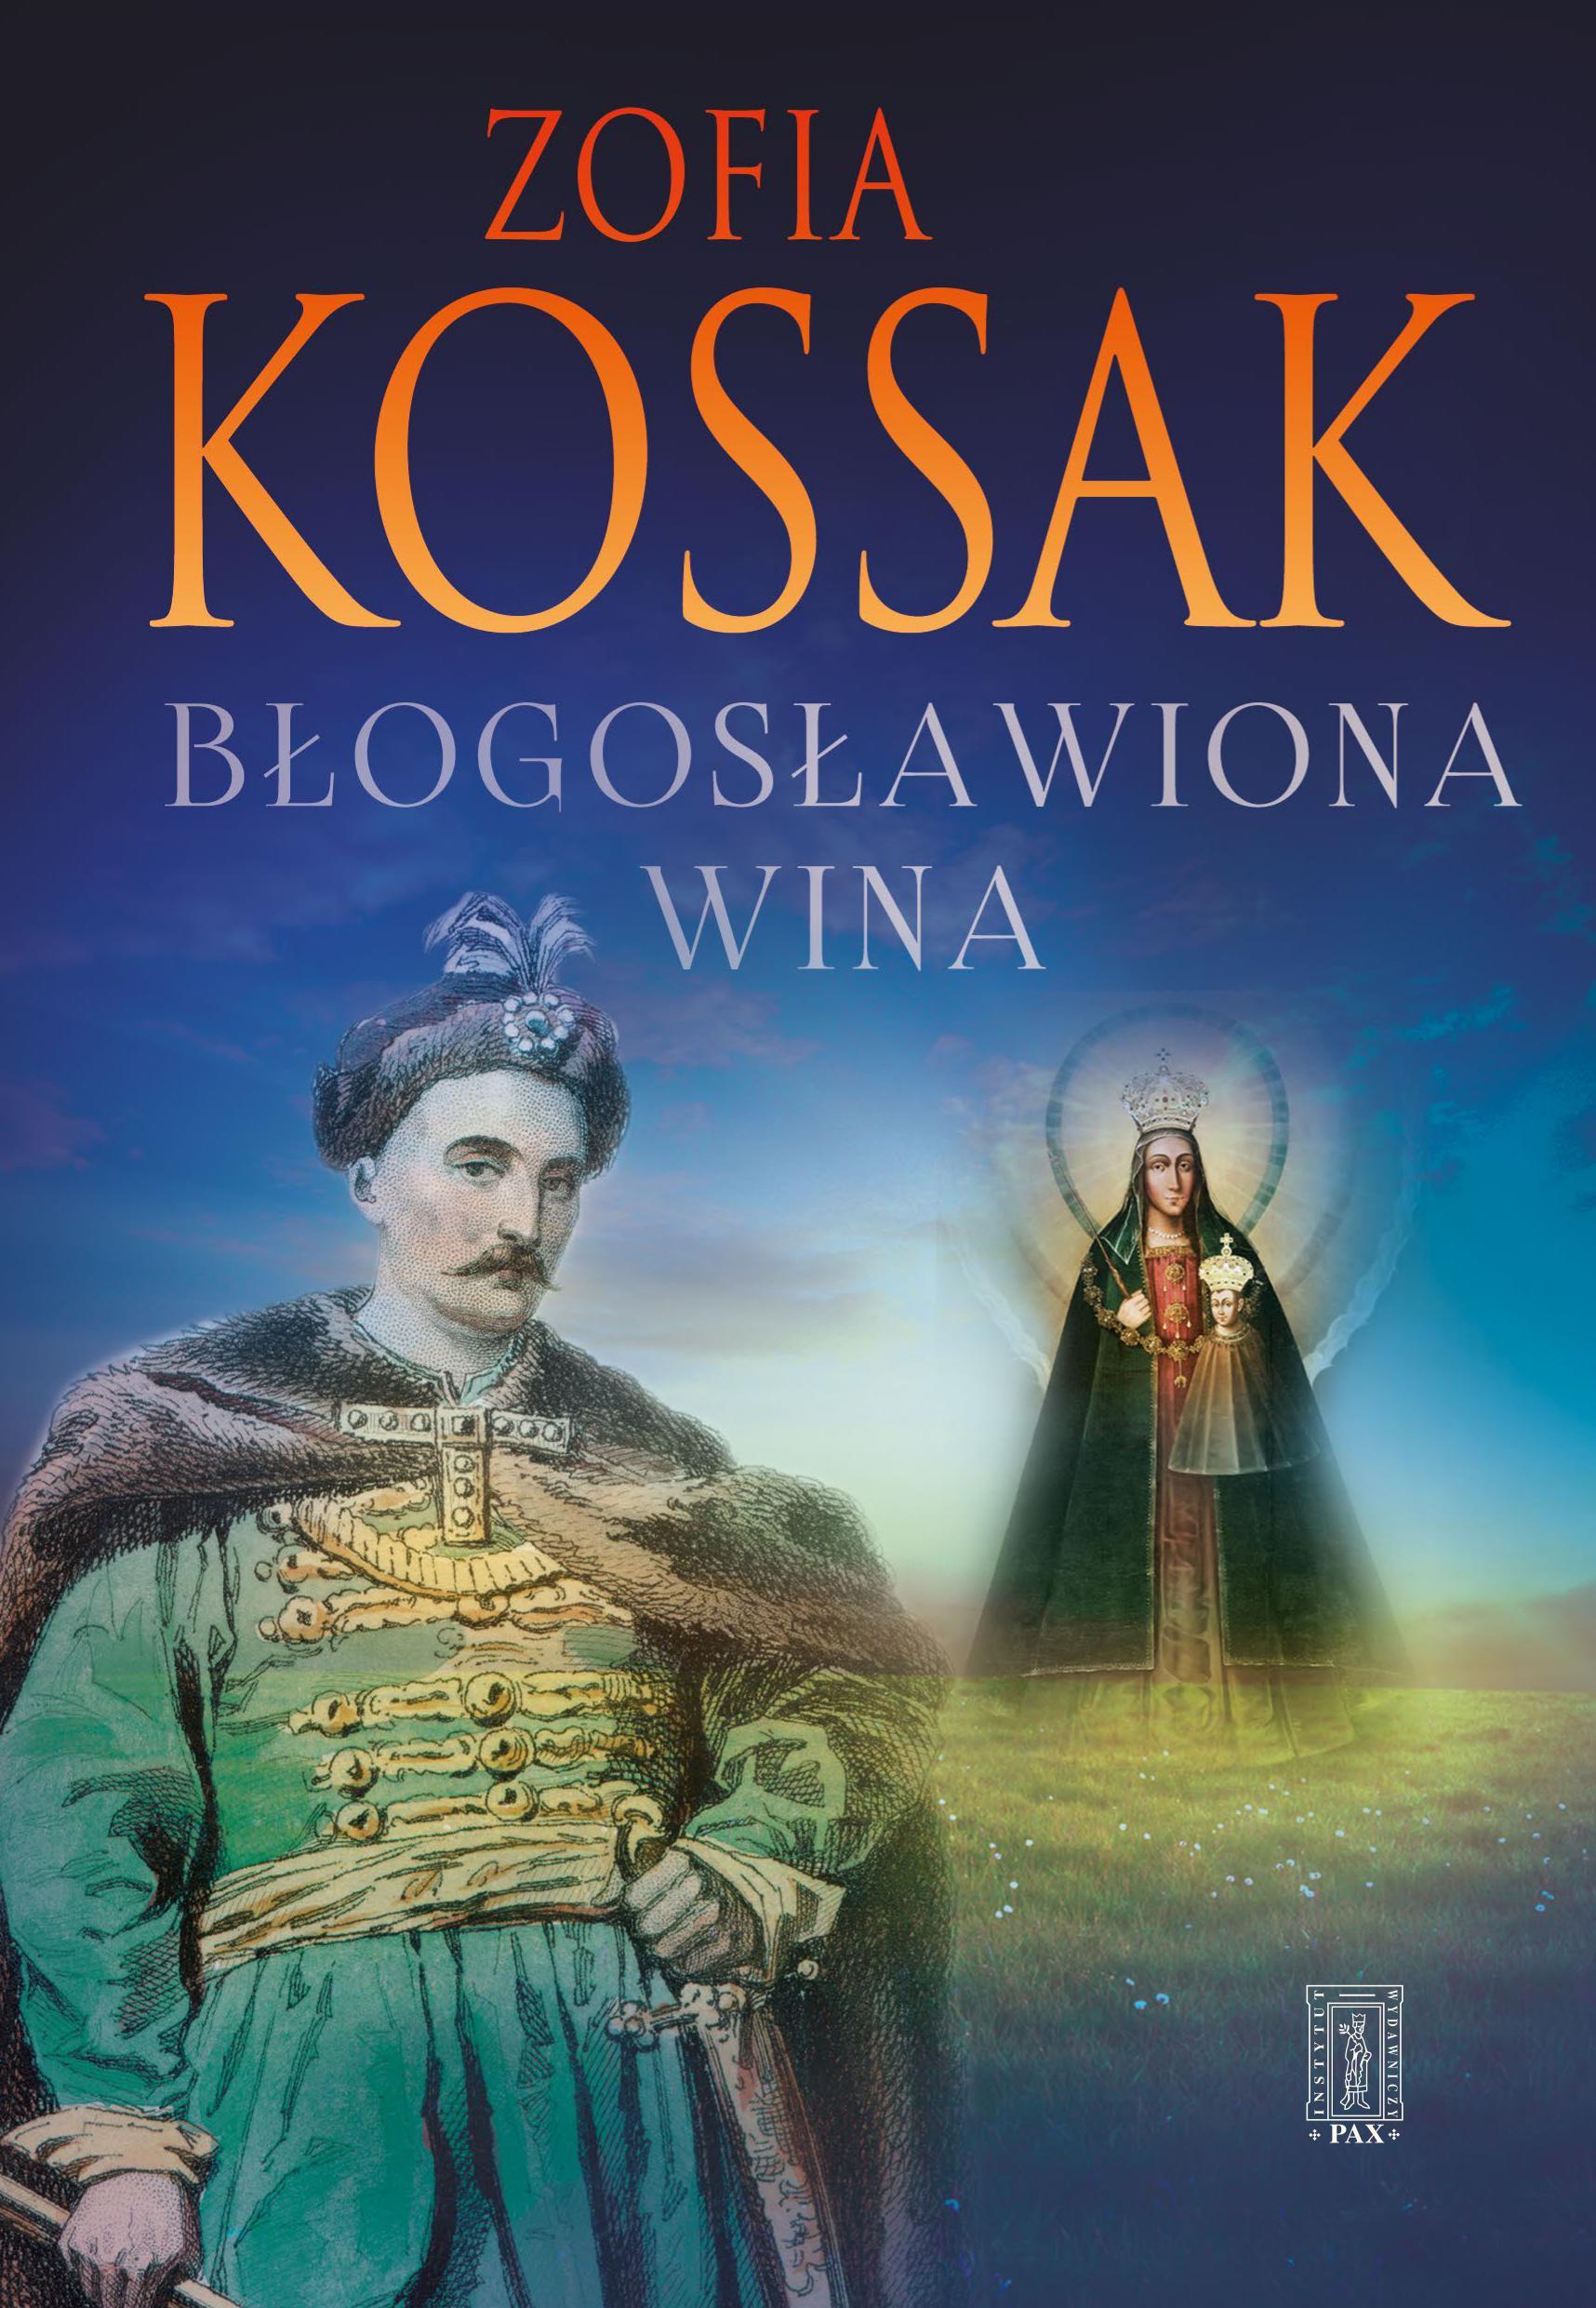 Zofia Kossak, Błogosławiona wina